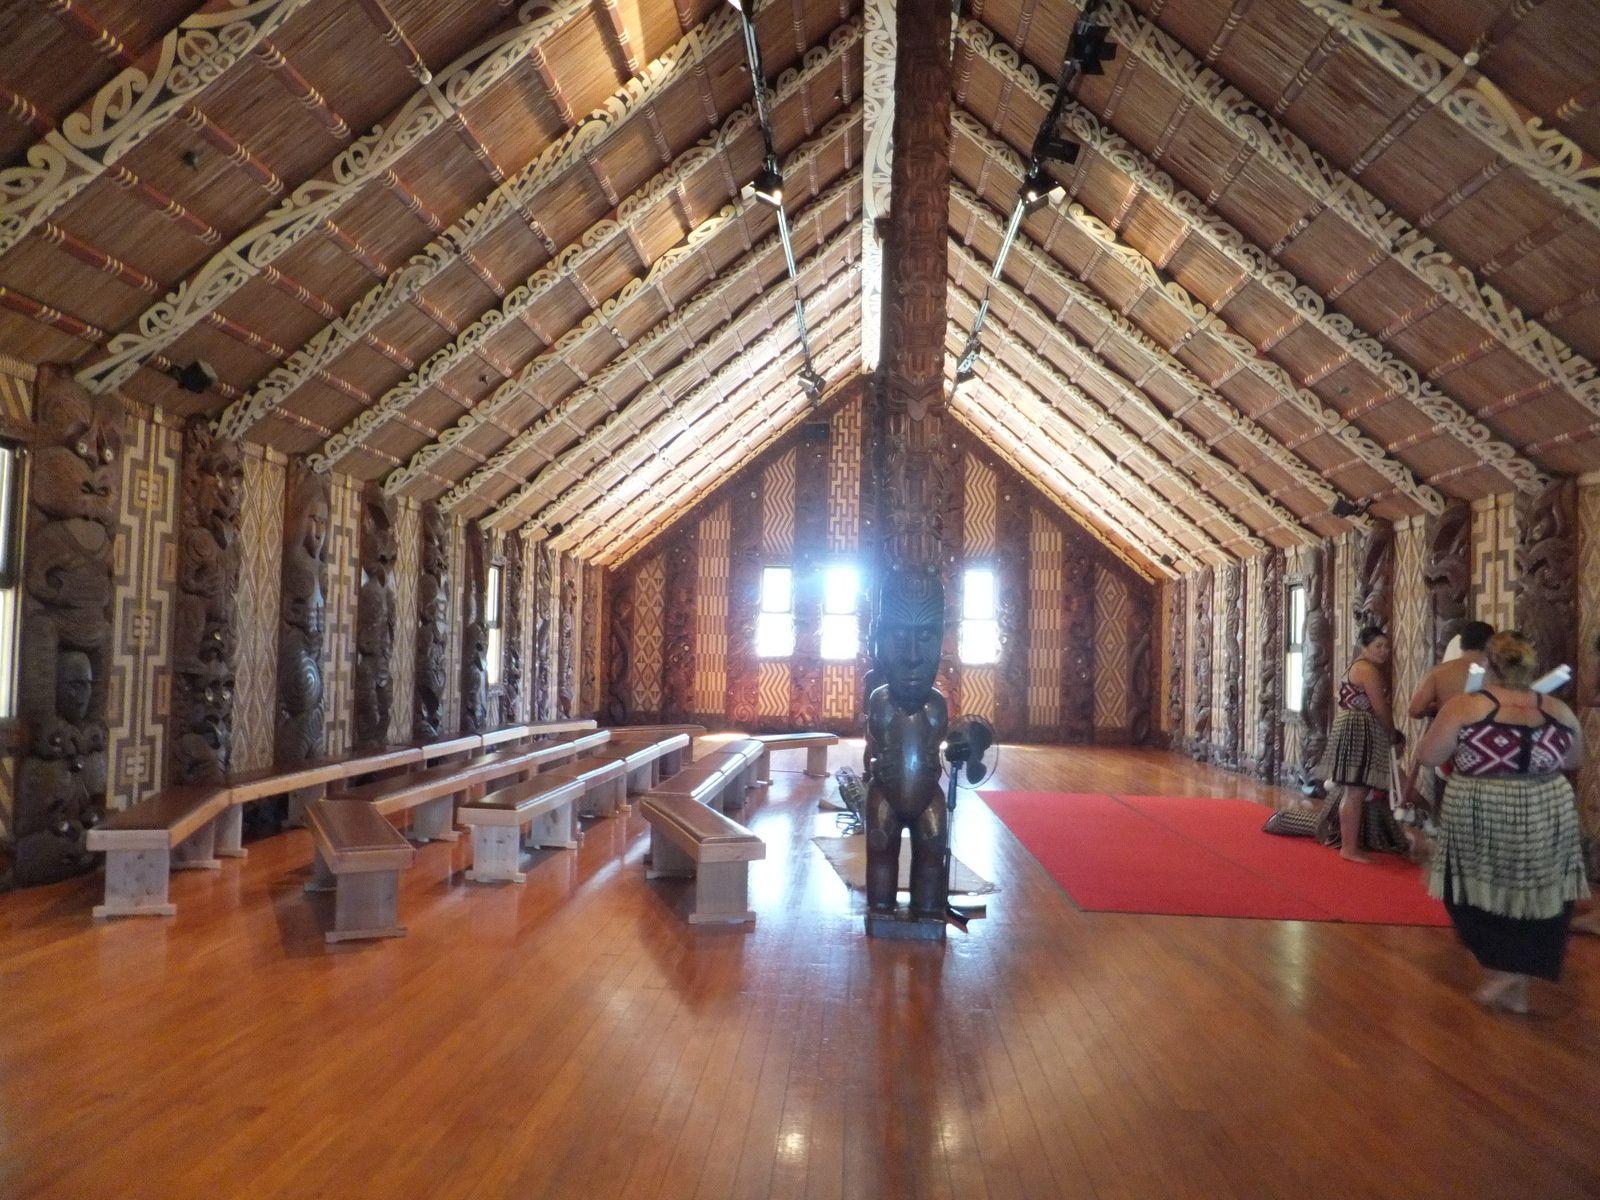 Paihia et Waitangi, retour aux origines de la Nouvelle-Zélande